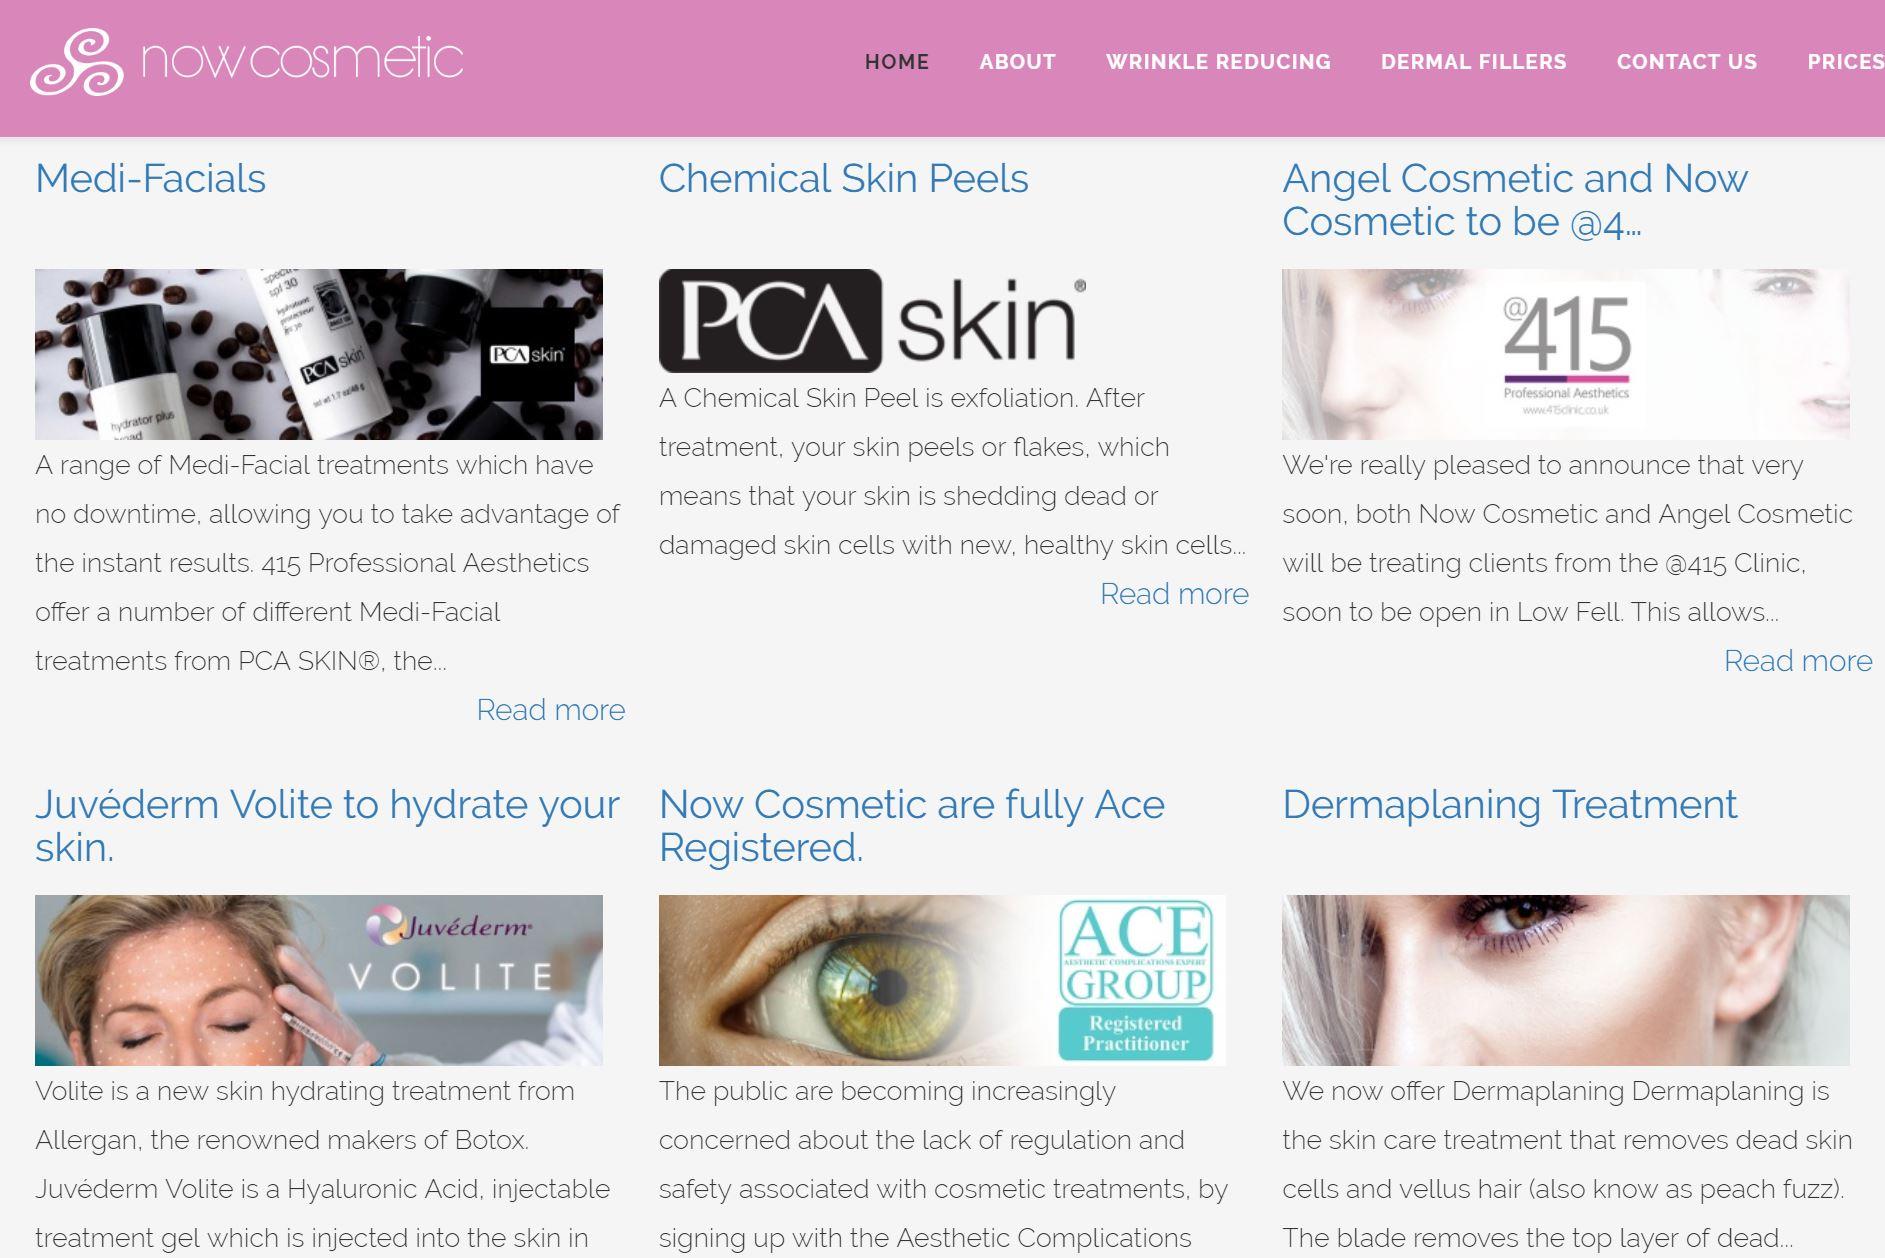 Joomla website design with regular Gavick Pro News updates.